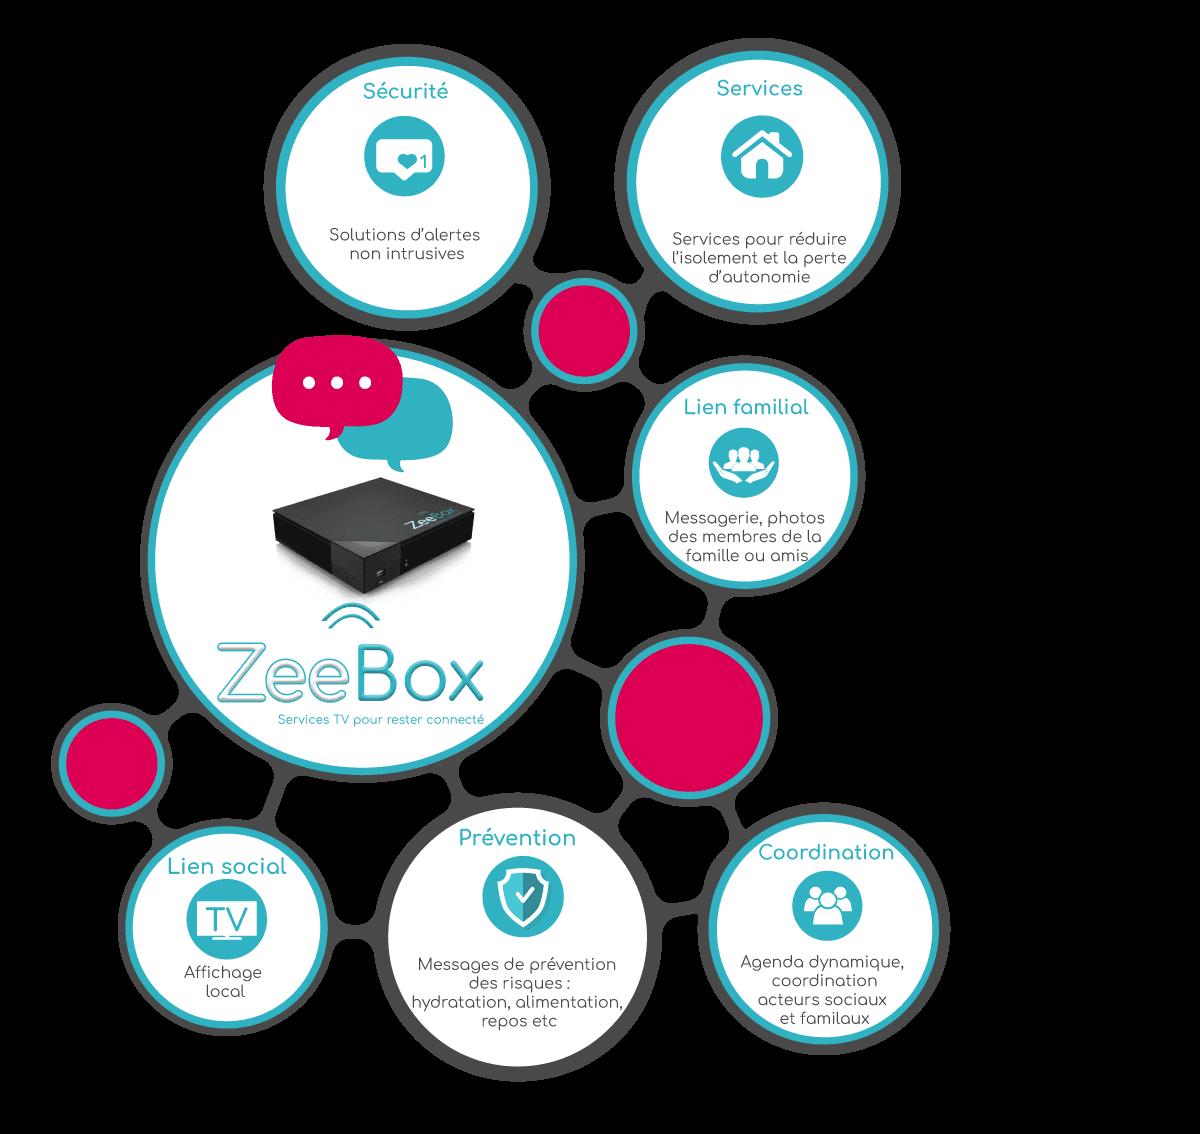 boitier zeebox schema